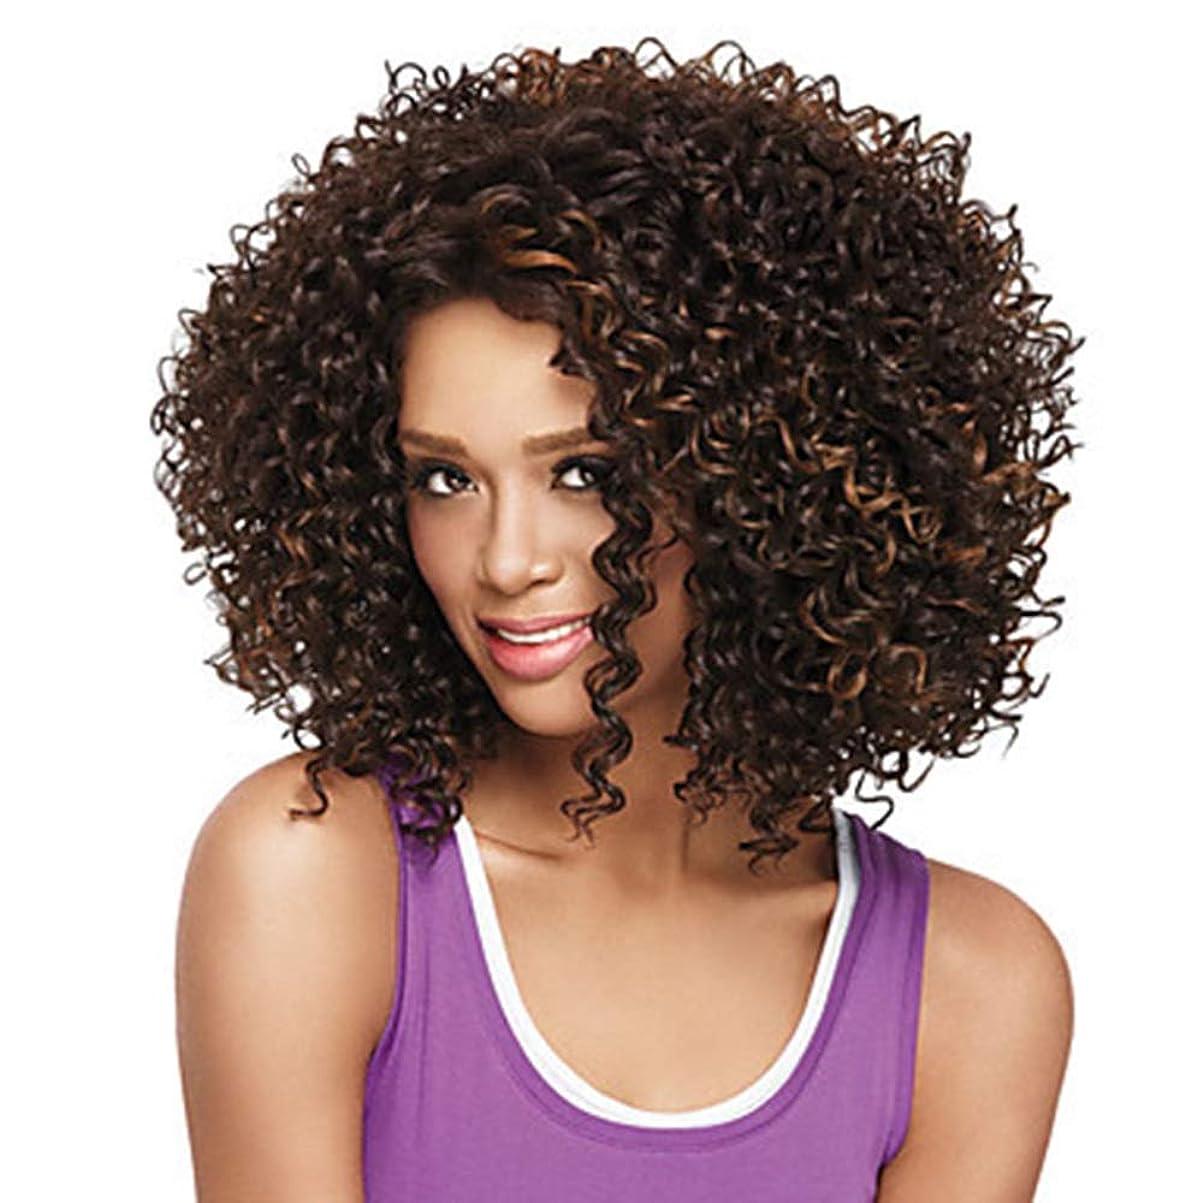 信号テニス明快ZXF アフリカの小さな巻き毛のかつらヨーロッパとアメリカの長い巻き毛の茶色の純ネットの高温絹の化学繊維のフード 美しい